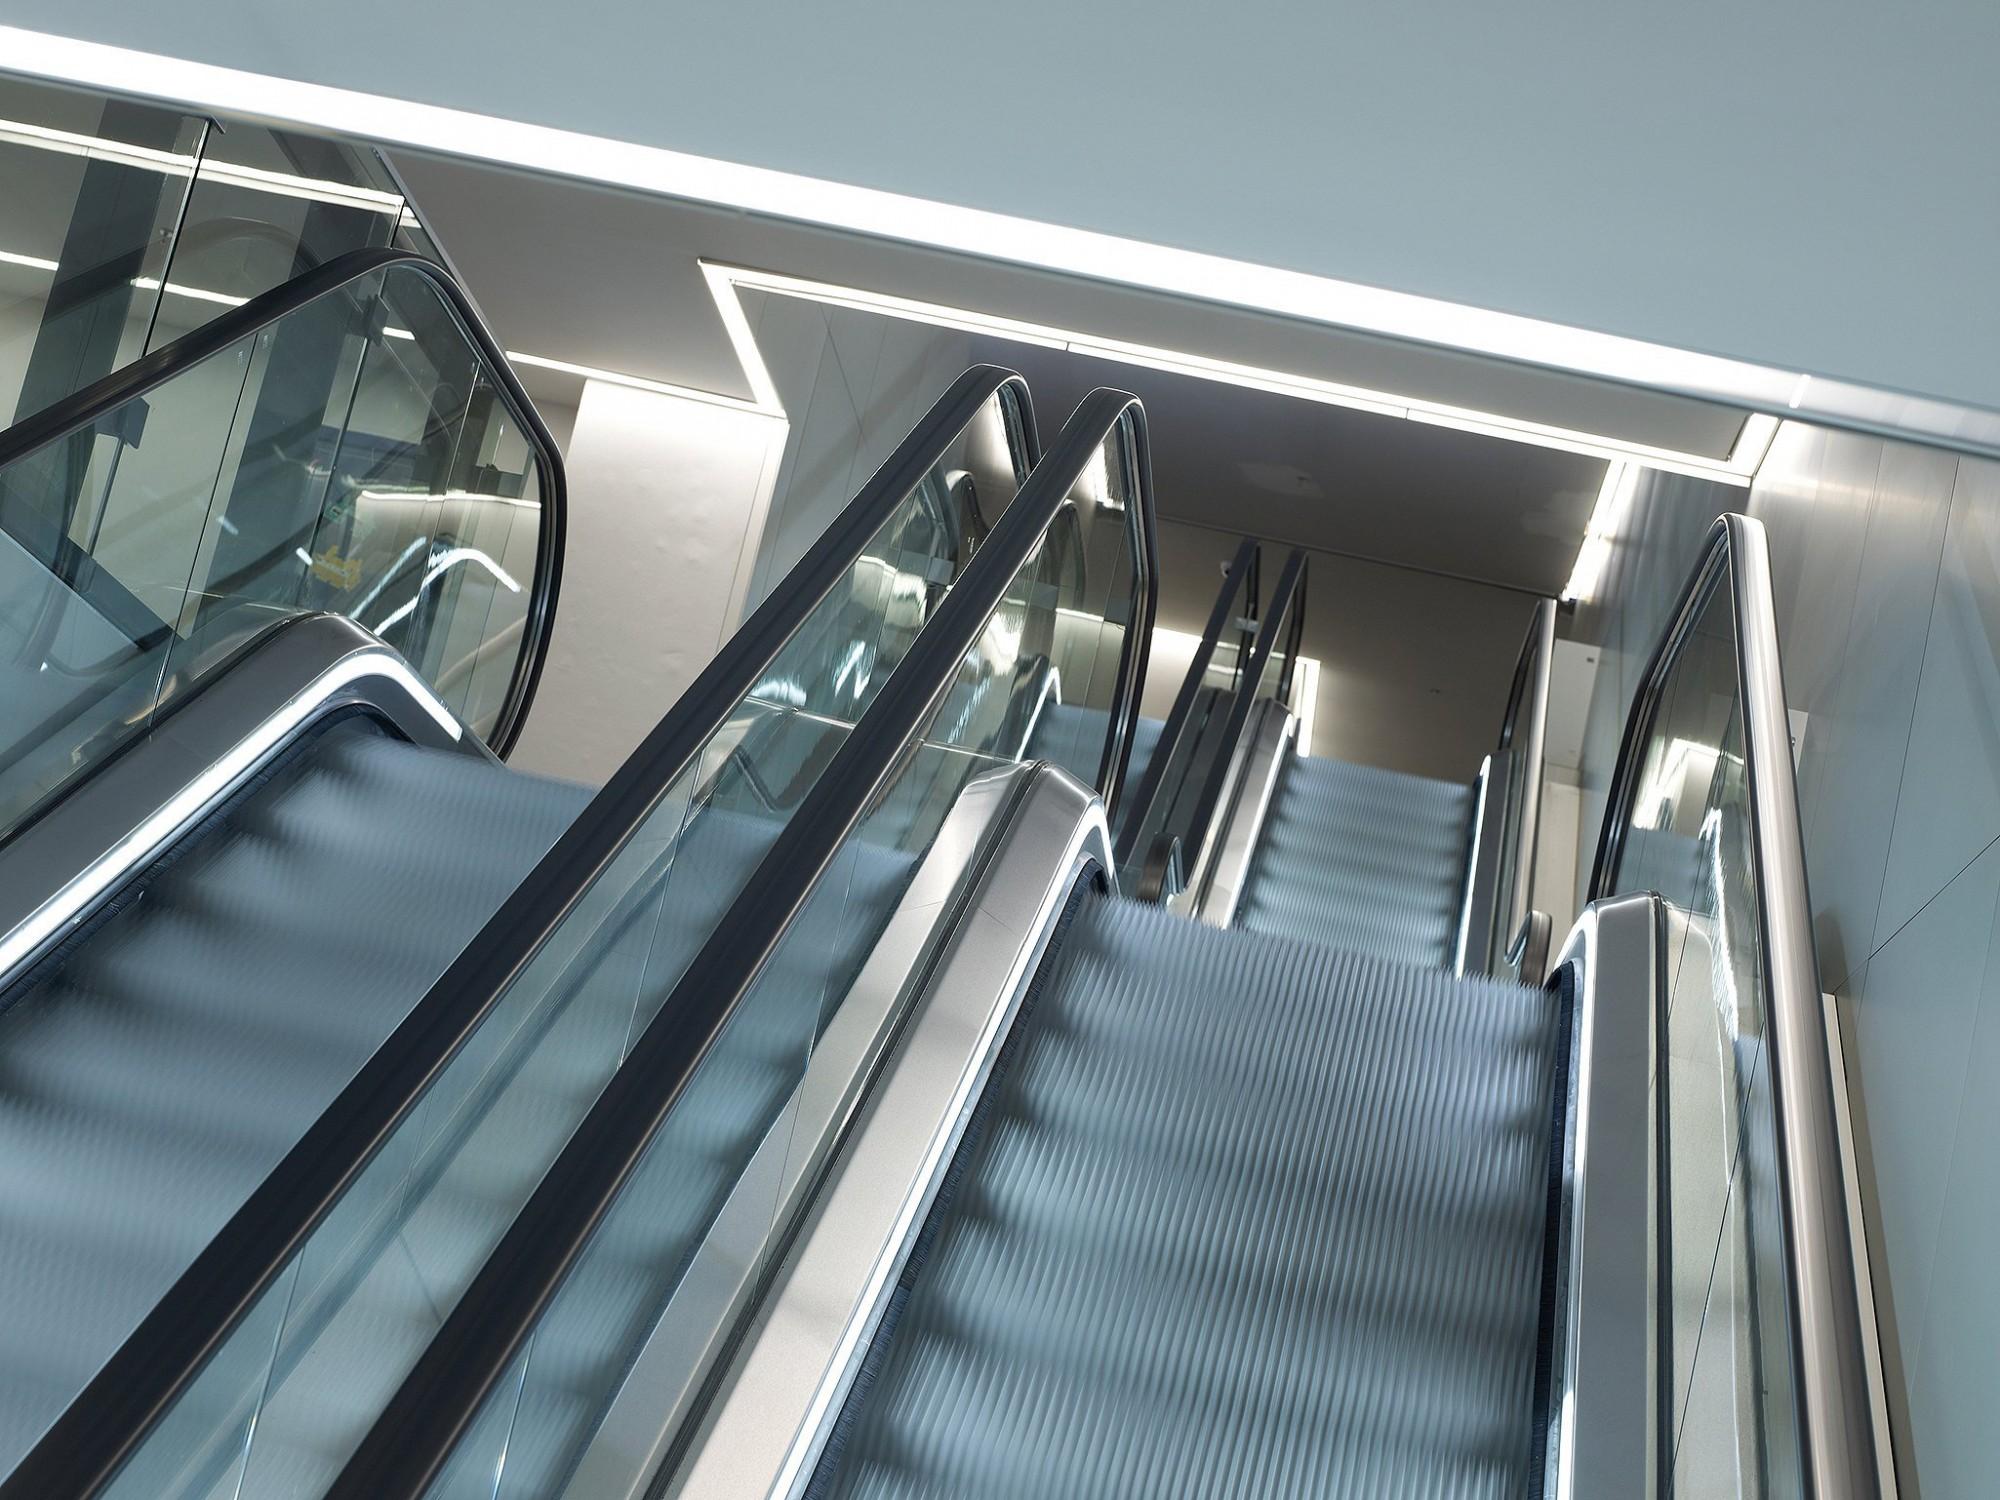 Afbeelding: Interieur fotografie roltrappen in winkelcentrum K te Kortrijk, voor de groep Van Roey.